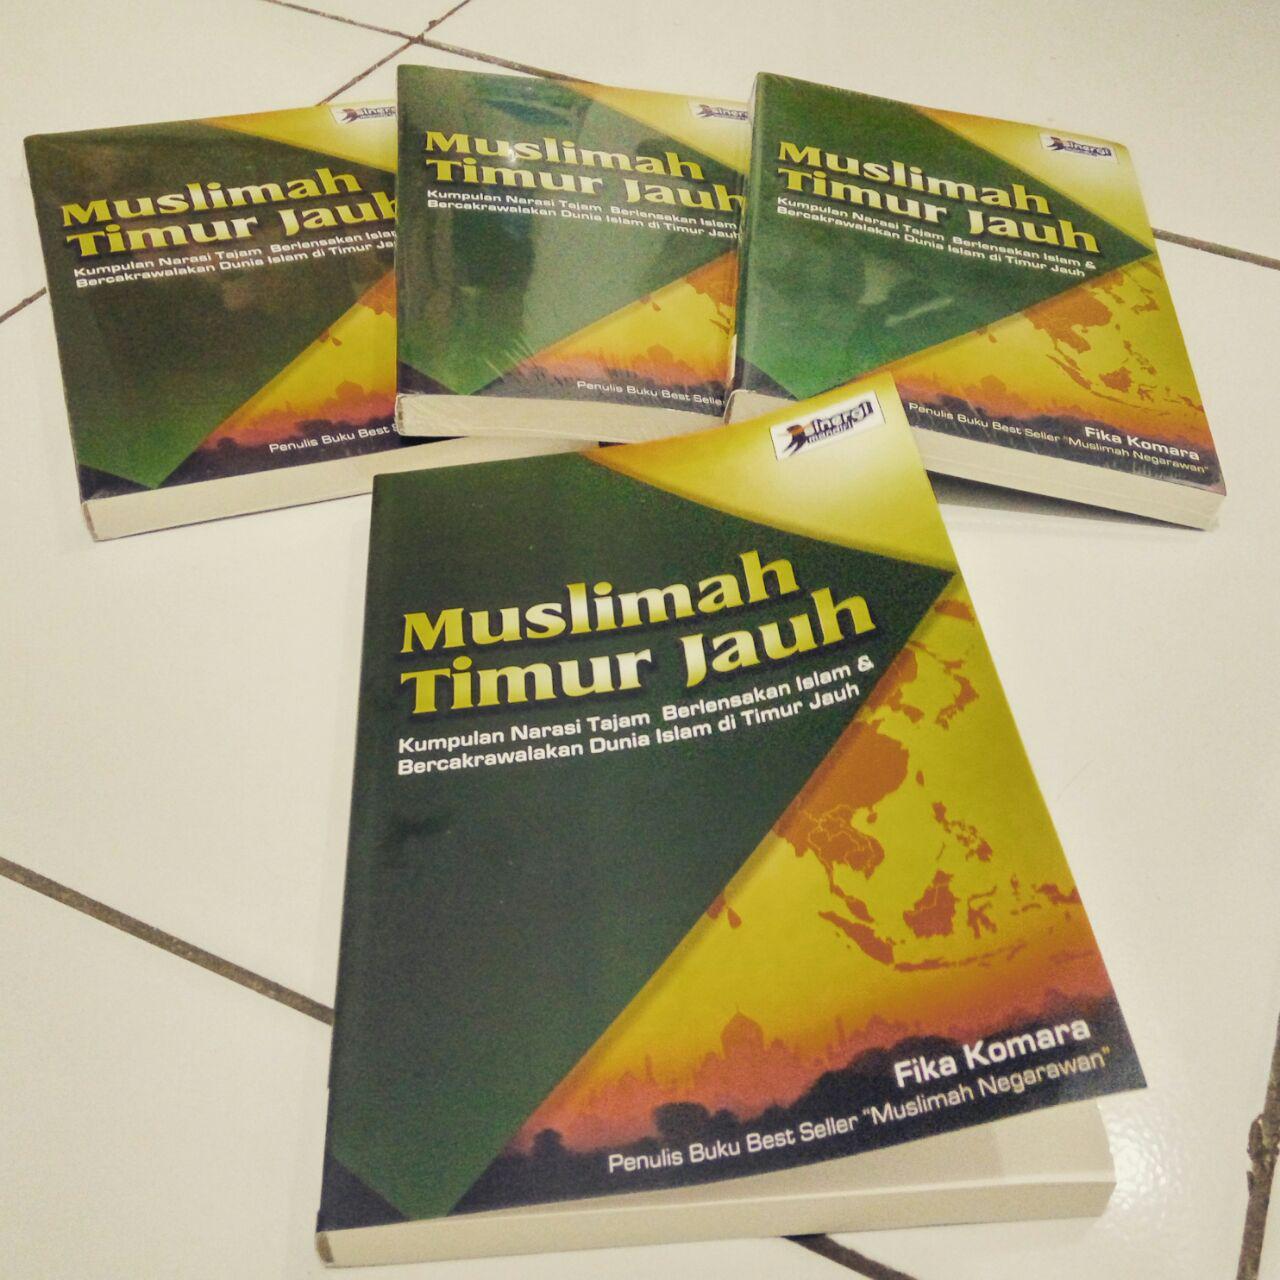 Muslimah Timur Jauh